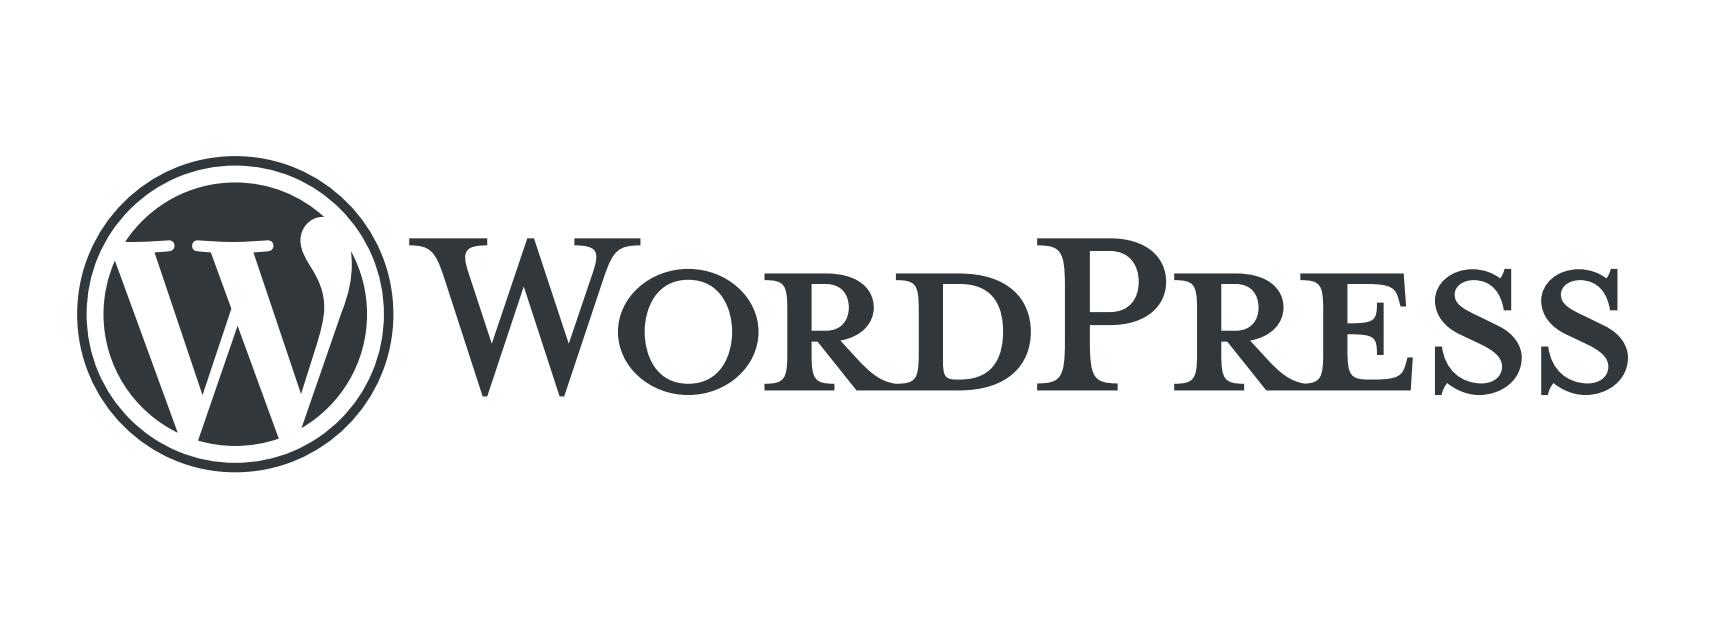 世界中で広く利用されている Wordpress は、ブログだけでなく企業サイトなどにも応用できます